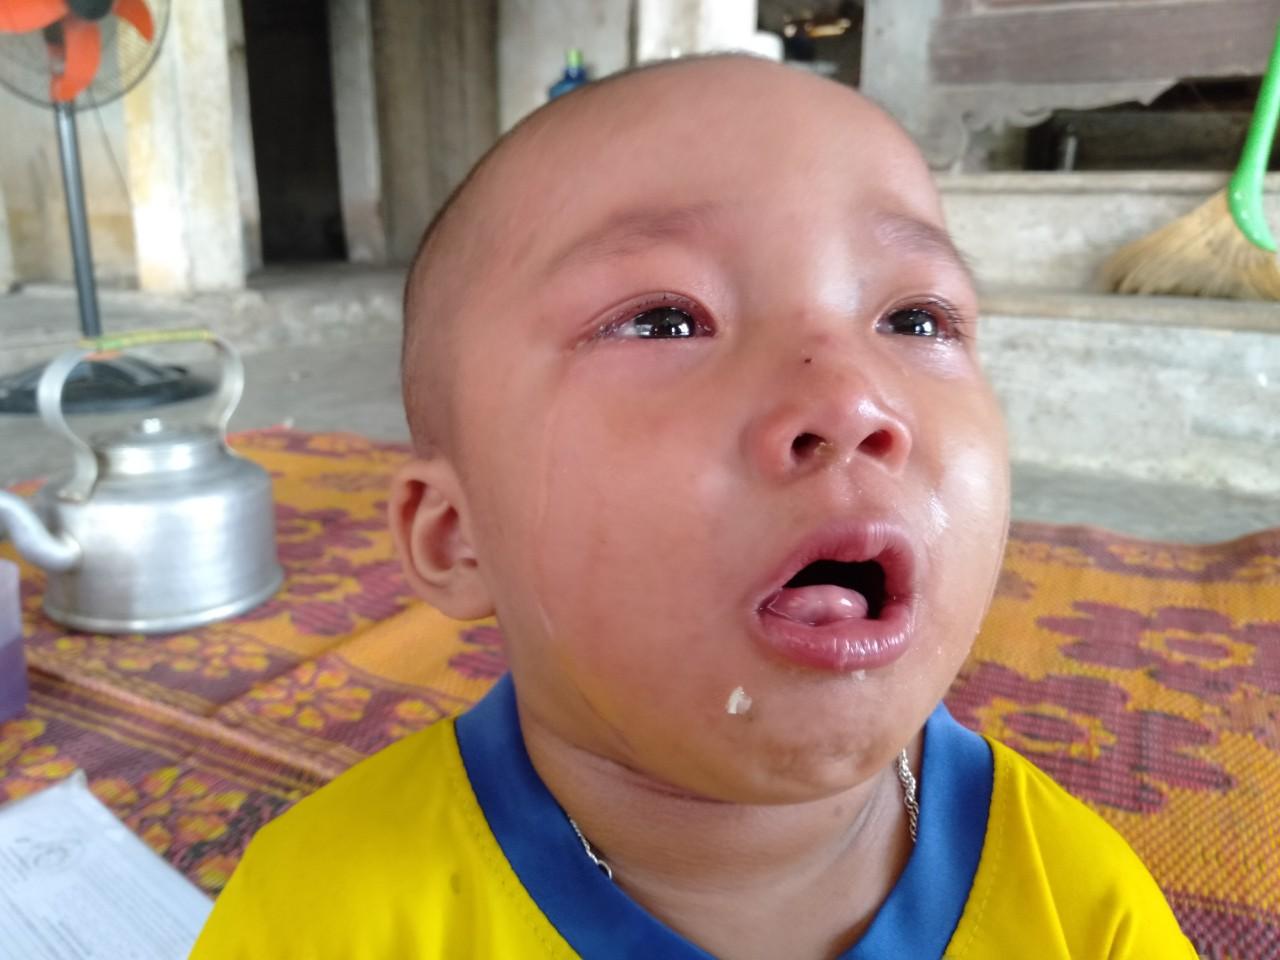 Tiếng khóc xé lòng của bé gái 3 tuổi mắc bệnh hiểm nghèo: 'Bà ơi, cháu đau lắm, sao bố mẹ mãi không về hả bà?' - Ảnh 2